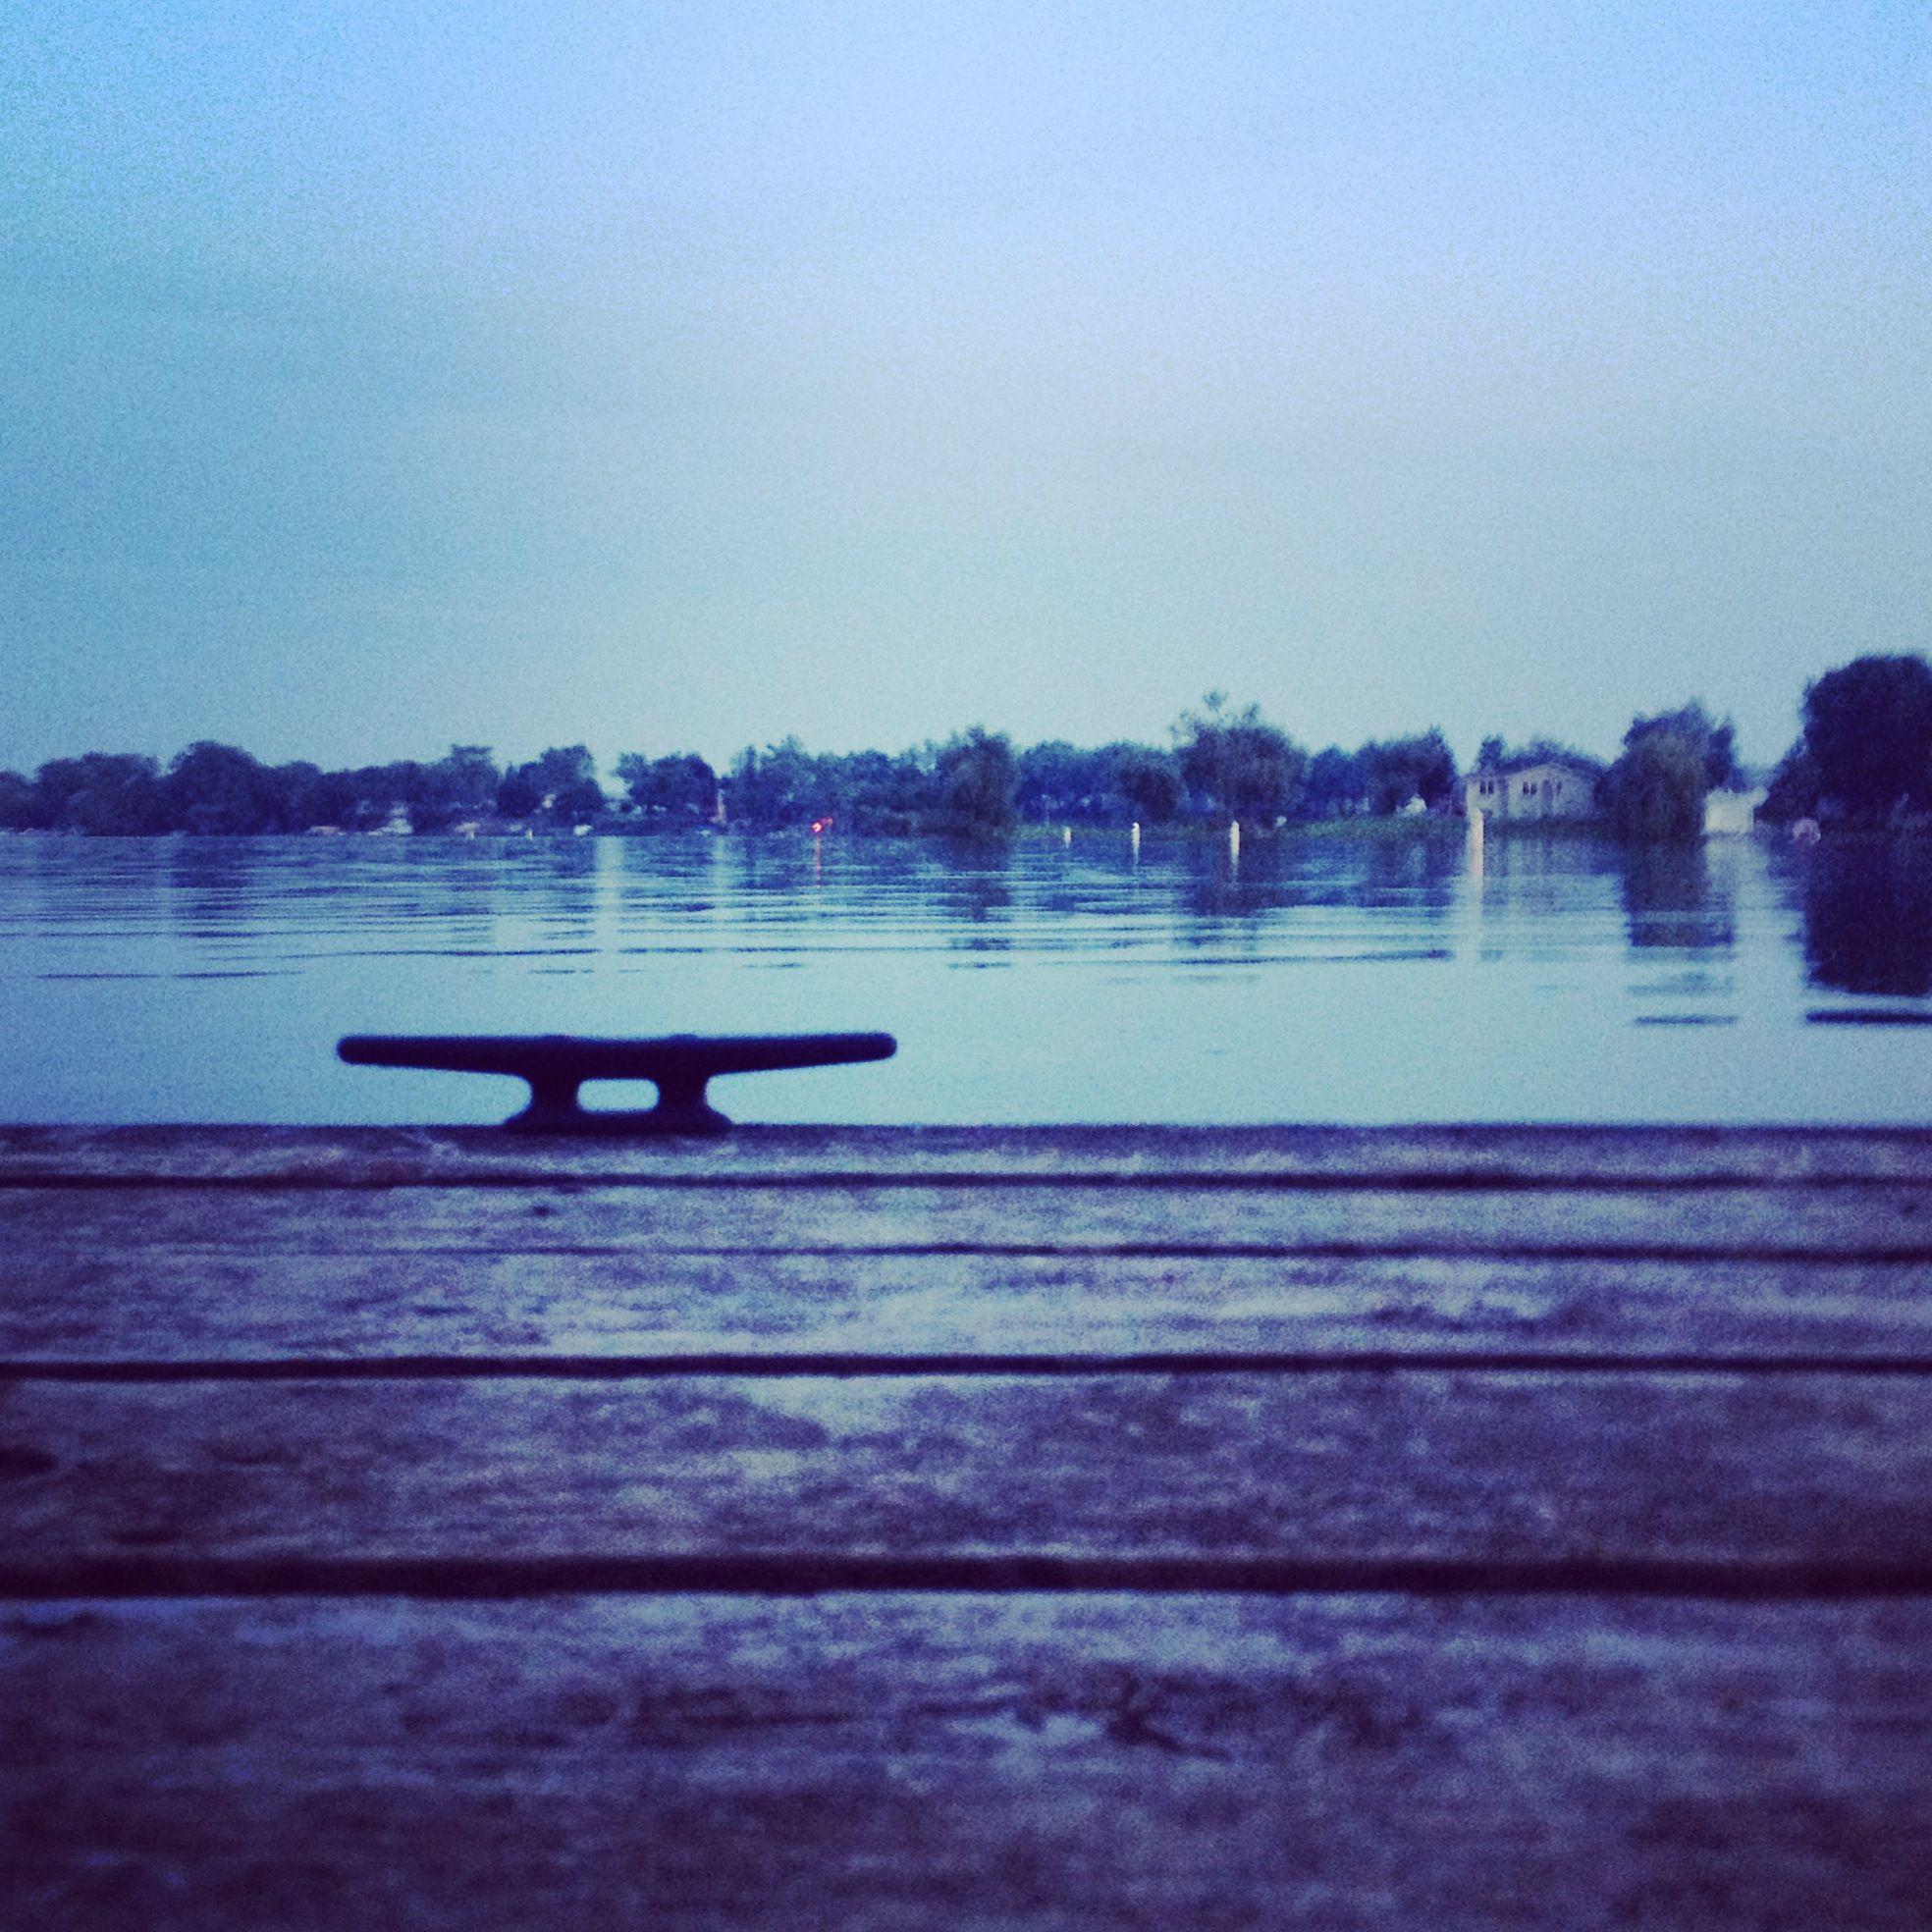 dusk on the dock